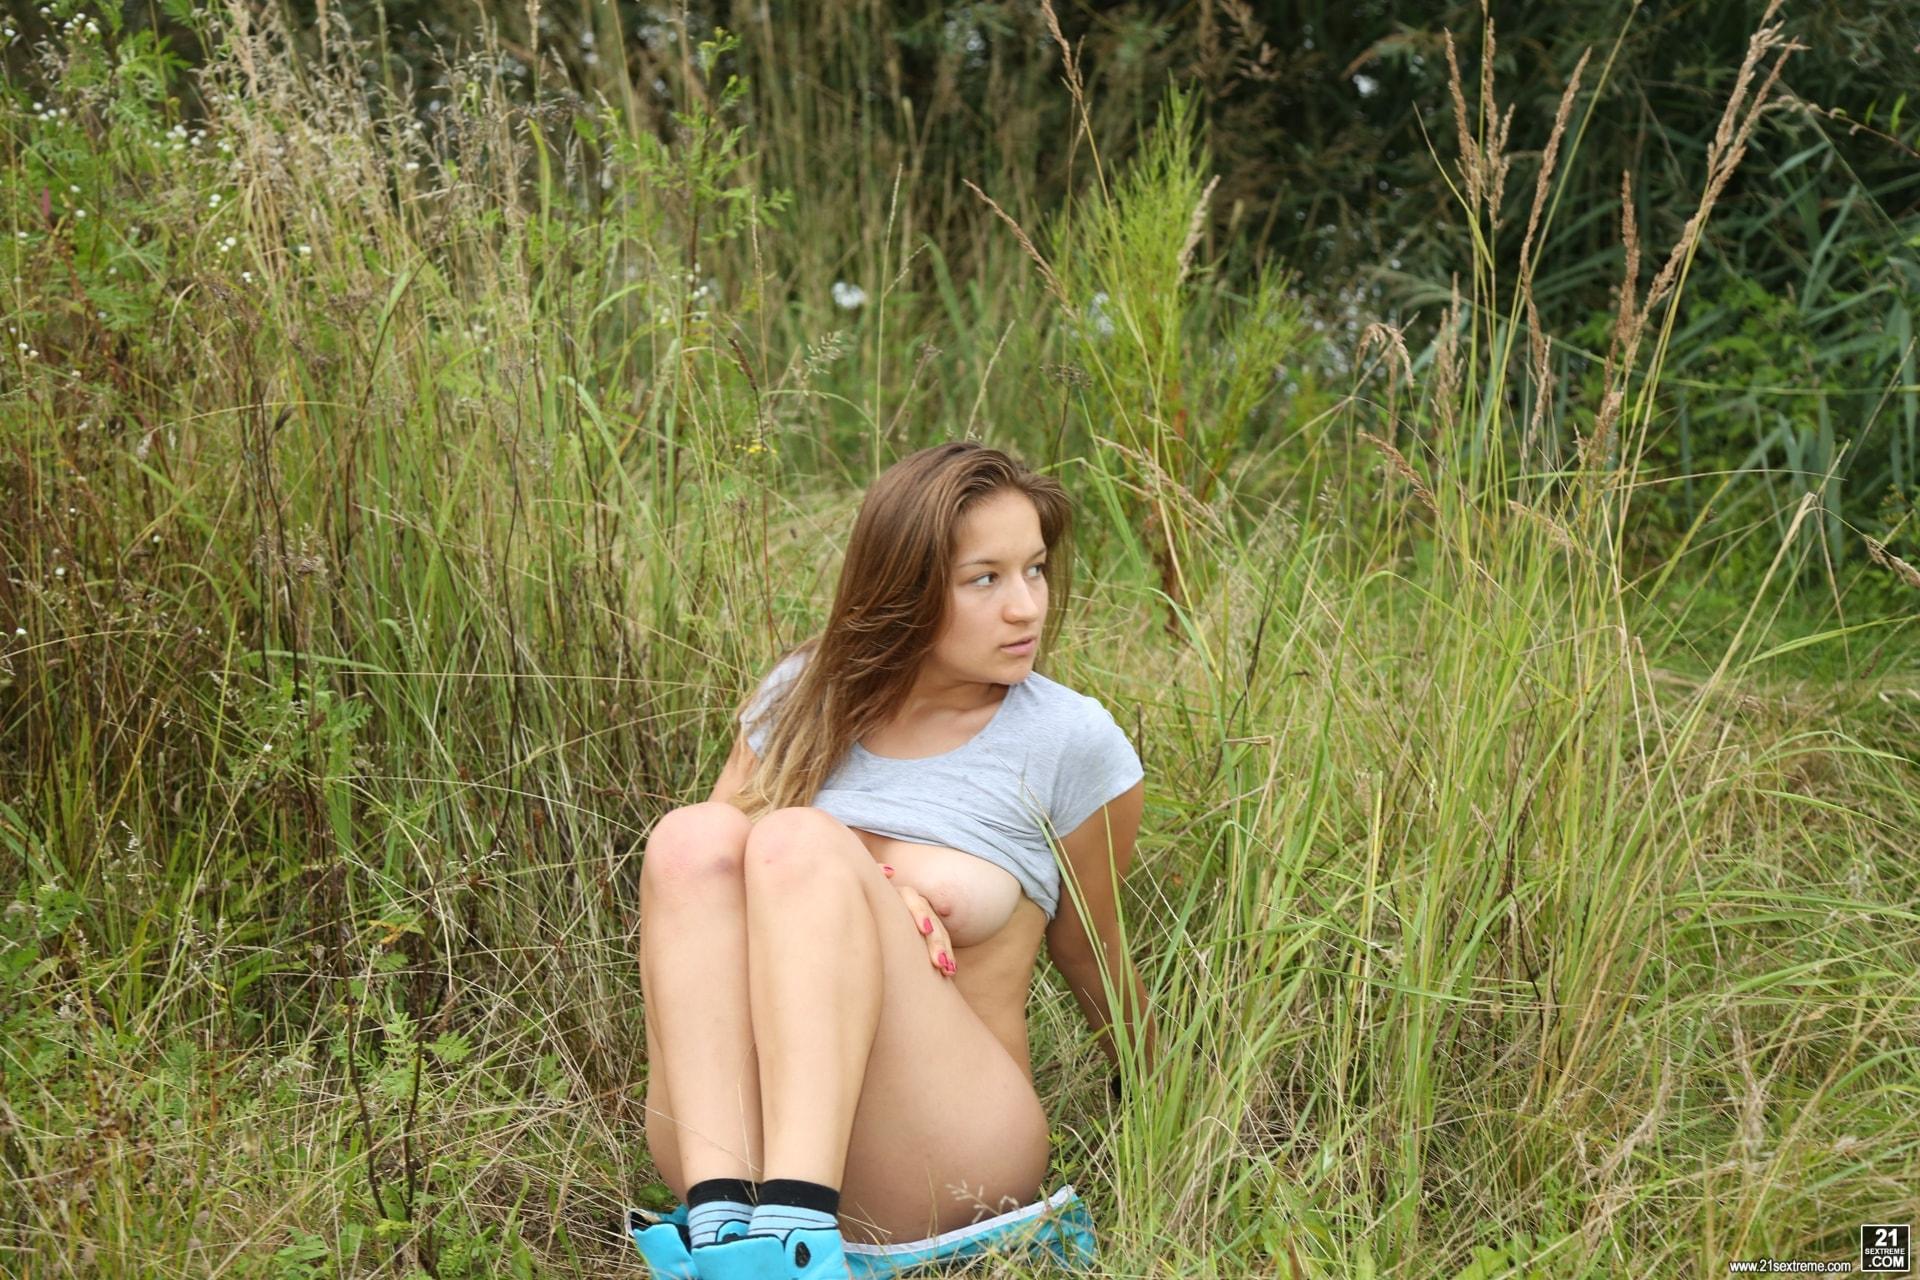 21Sextury 'Running Wild' starring Adelle B (Photo 12)